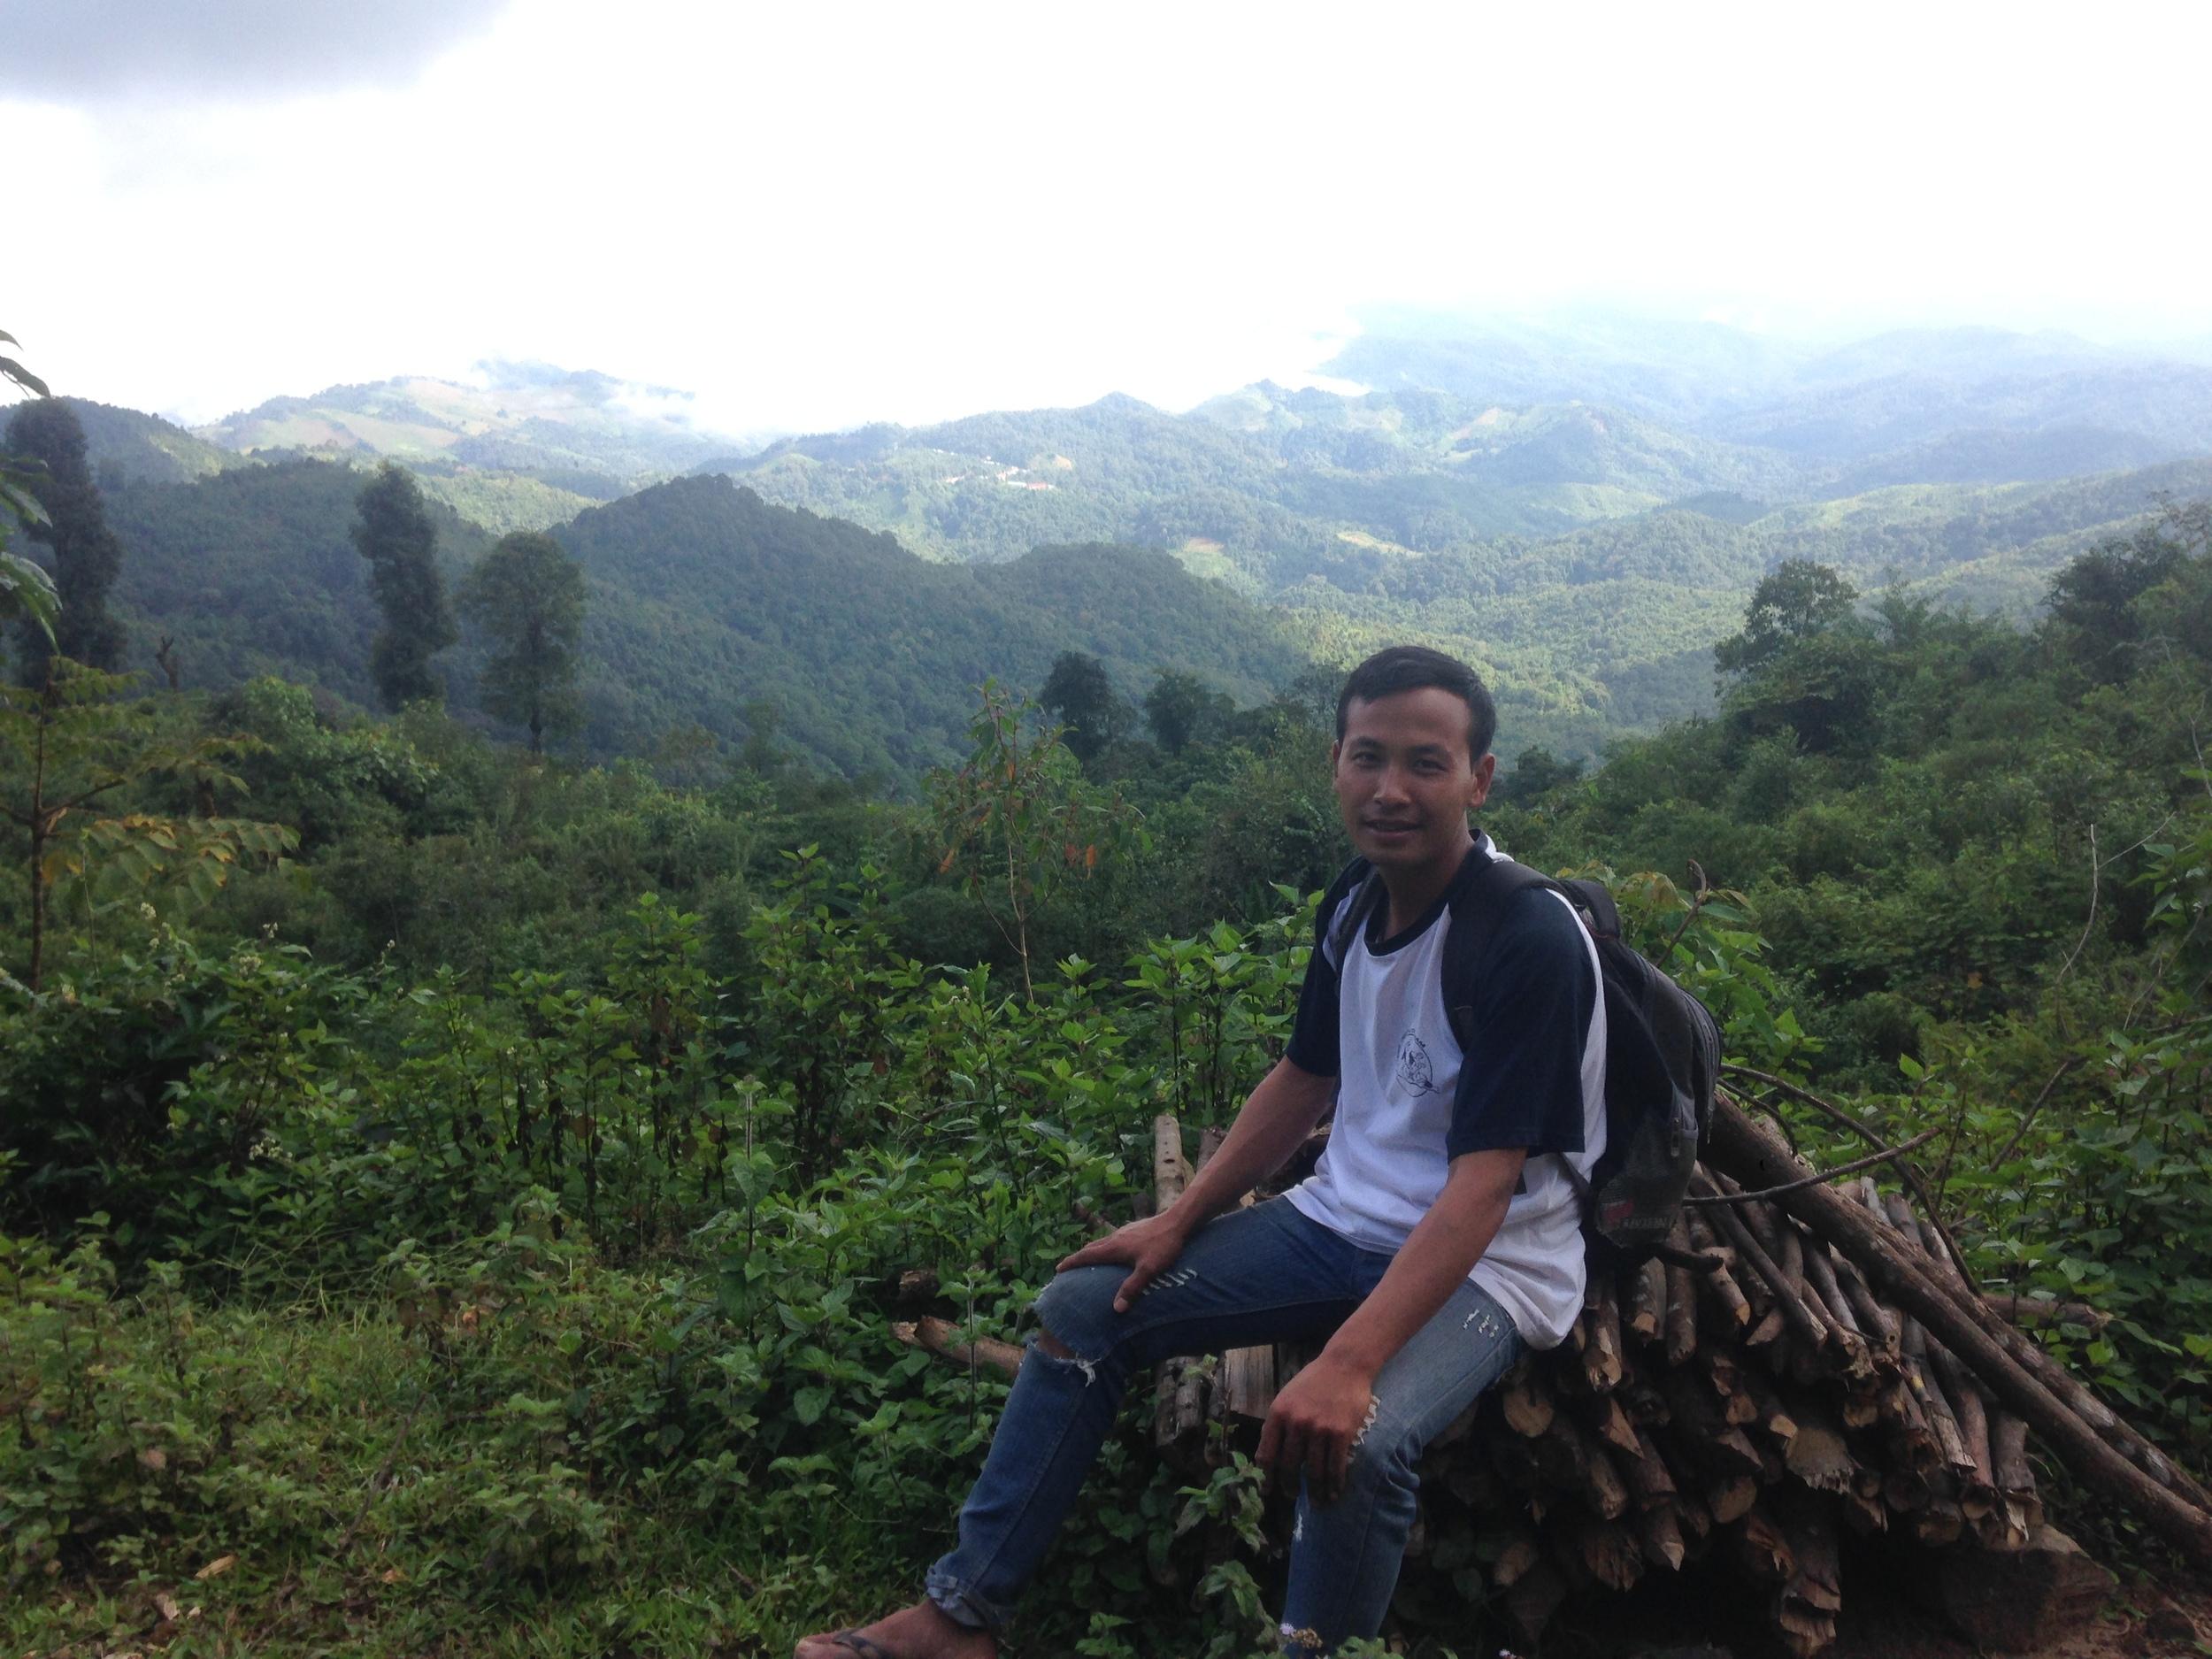 Our guide Vilak